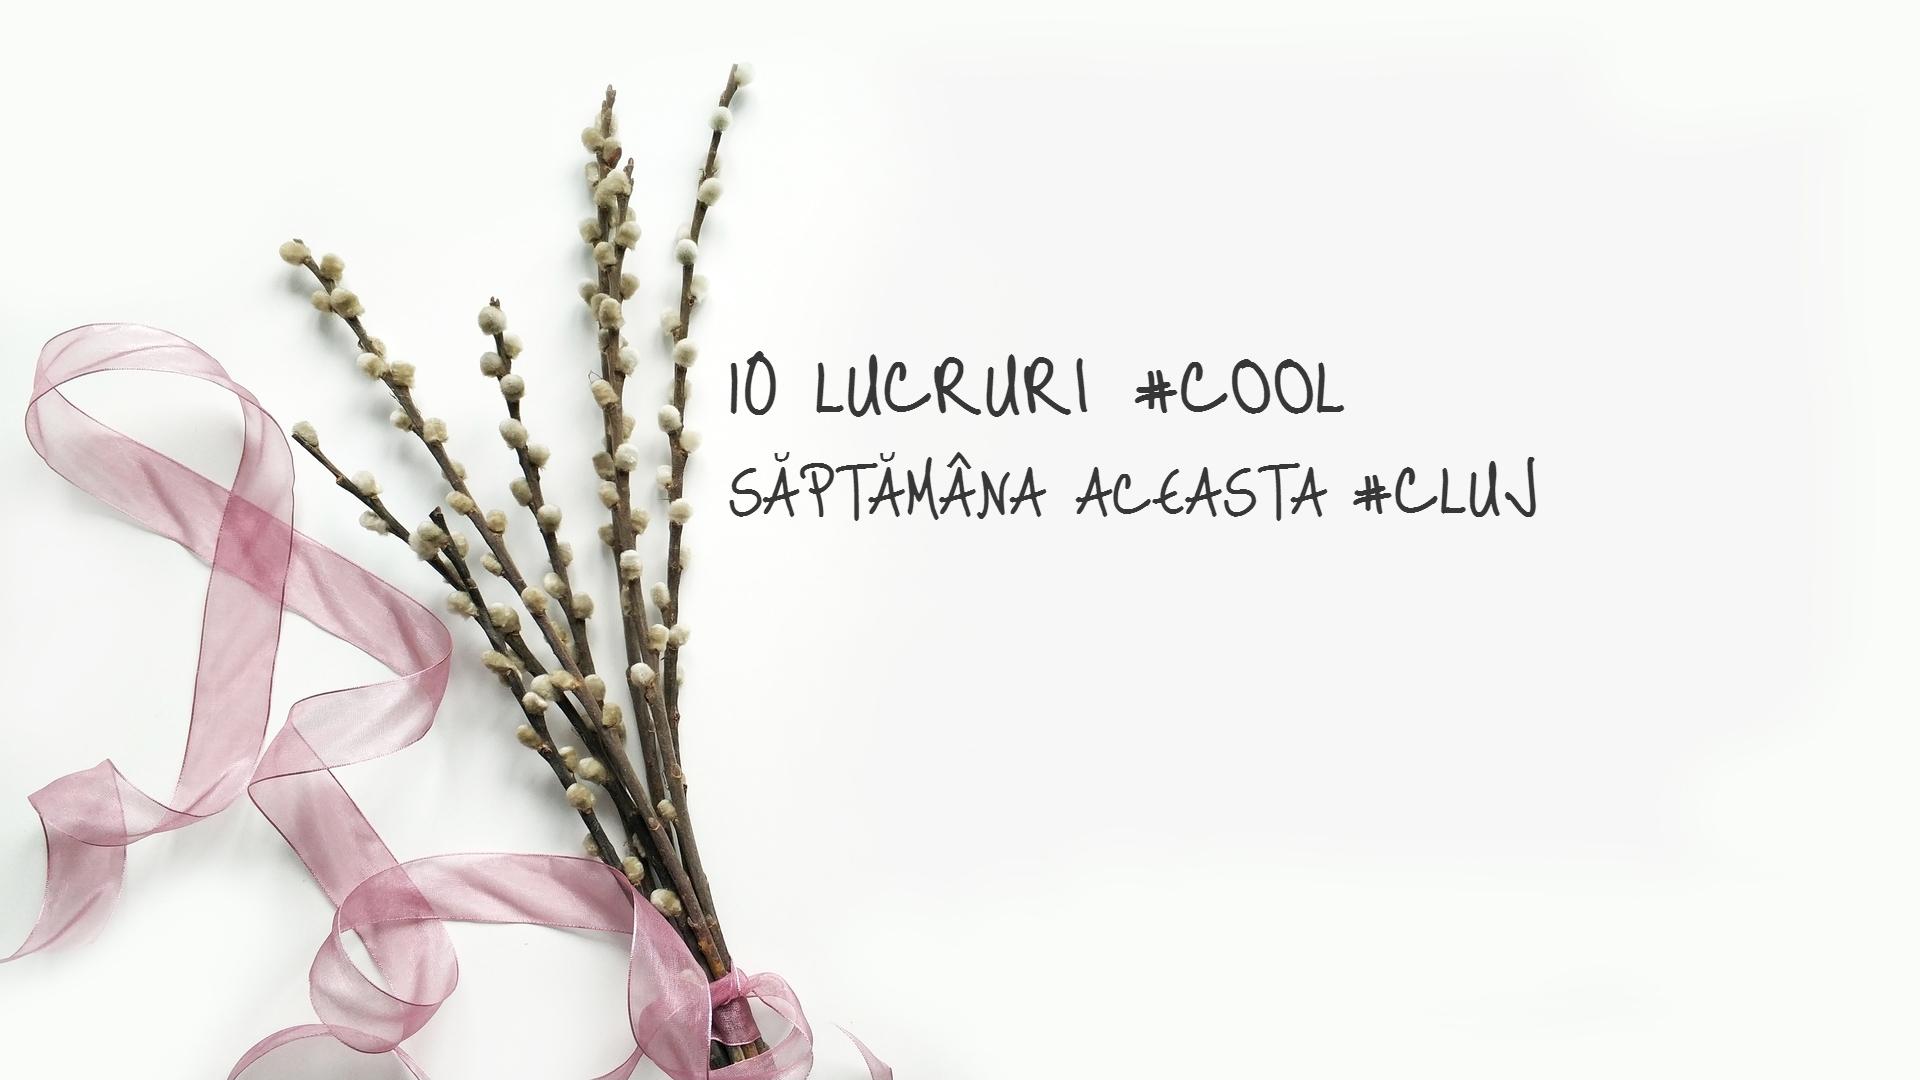 10 lucruri cool pe care le poți face săptămâna aceasta la Cluj